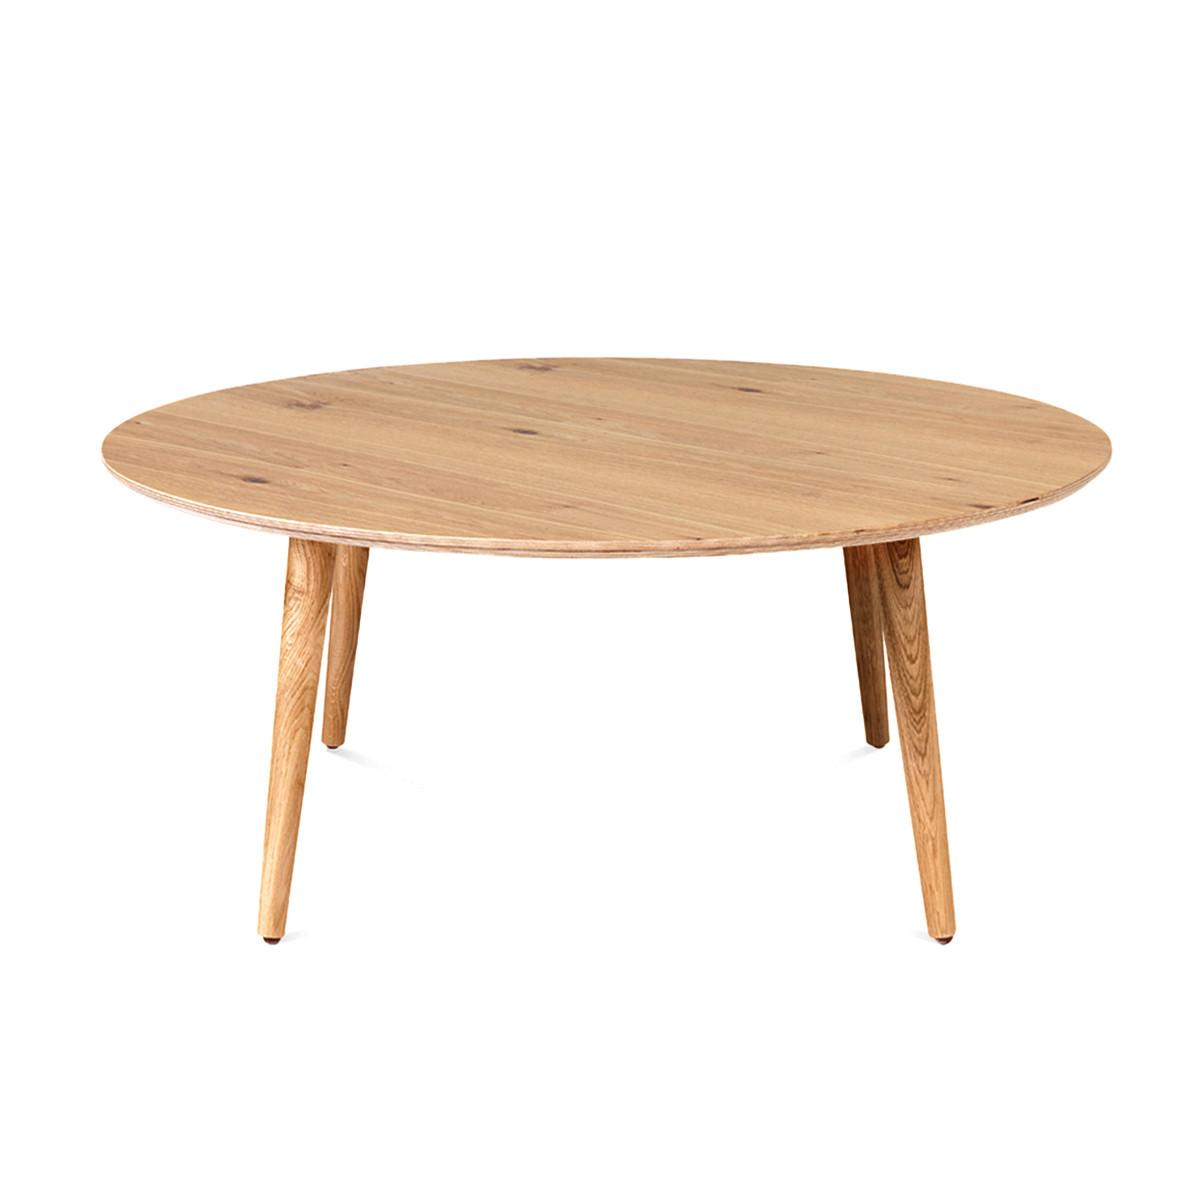 שולחן סלוני כריס -590 שח